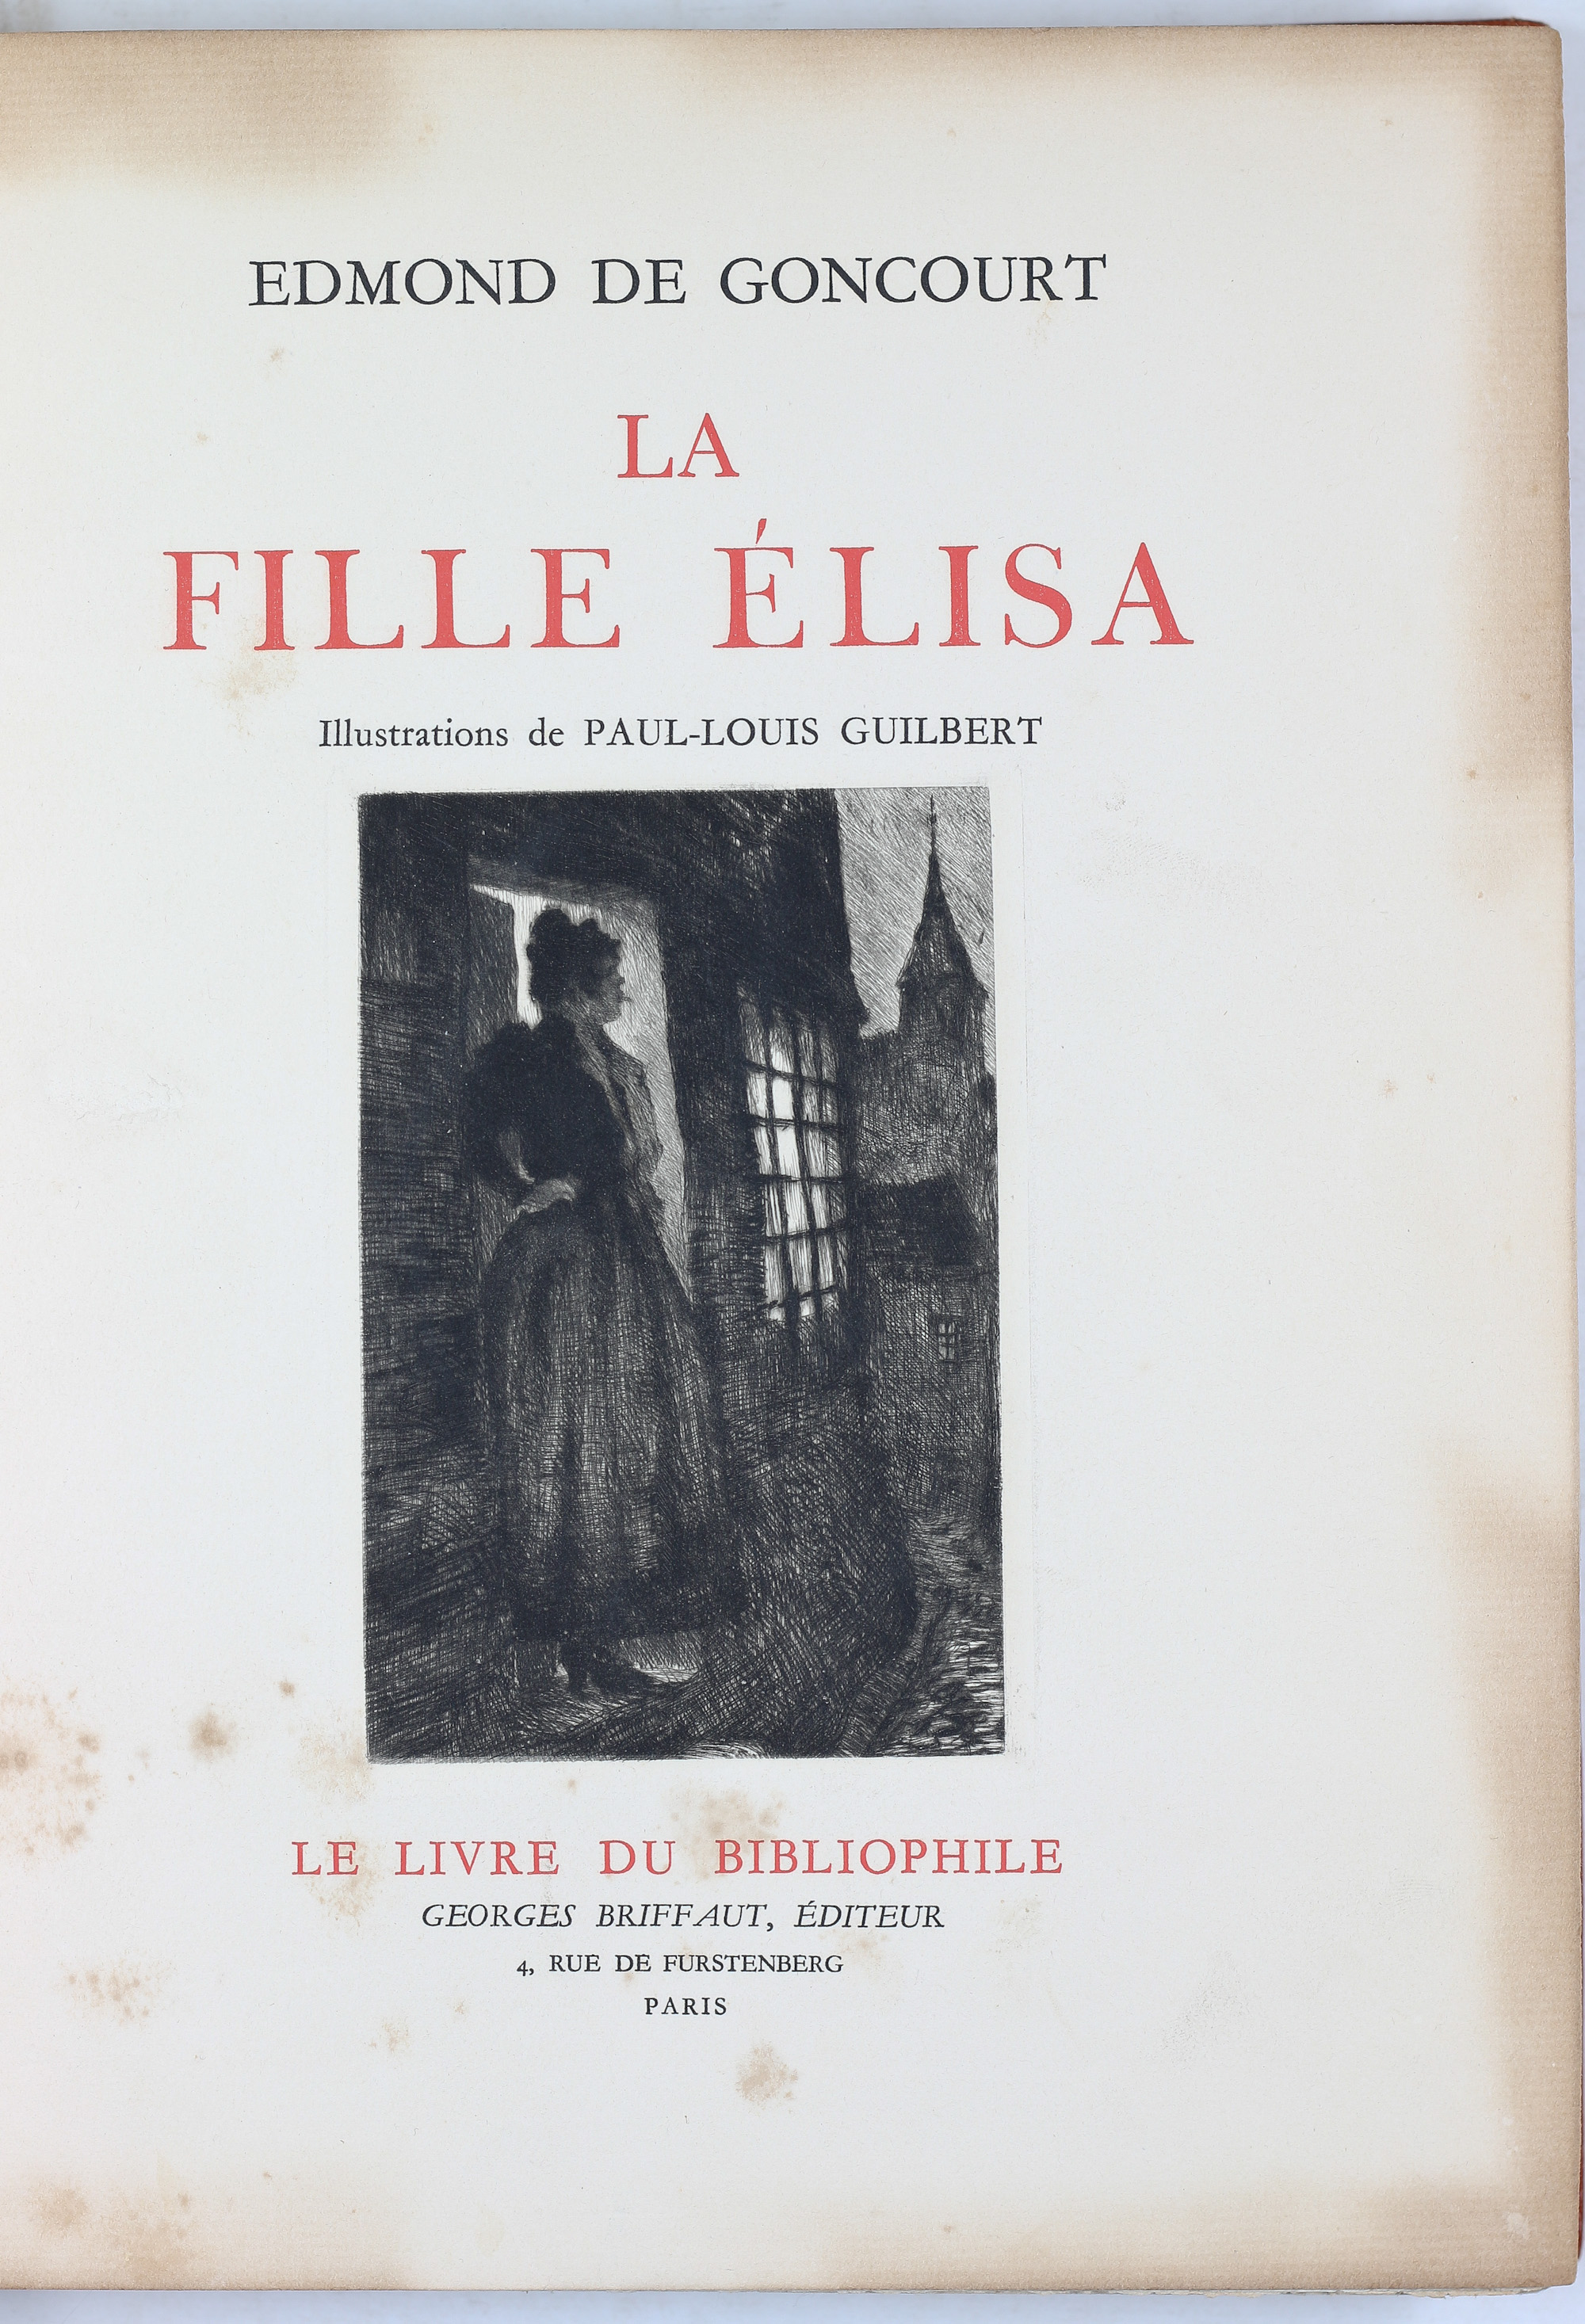 La fille Élisa, Edmmond de Goncourt, illustration de Paul-Louis Guilbert